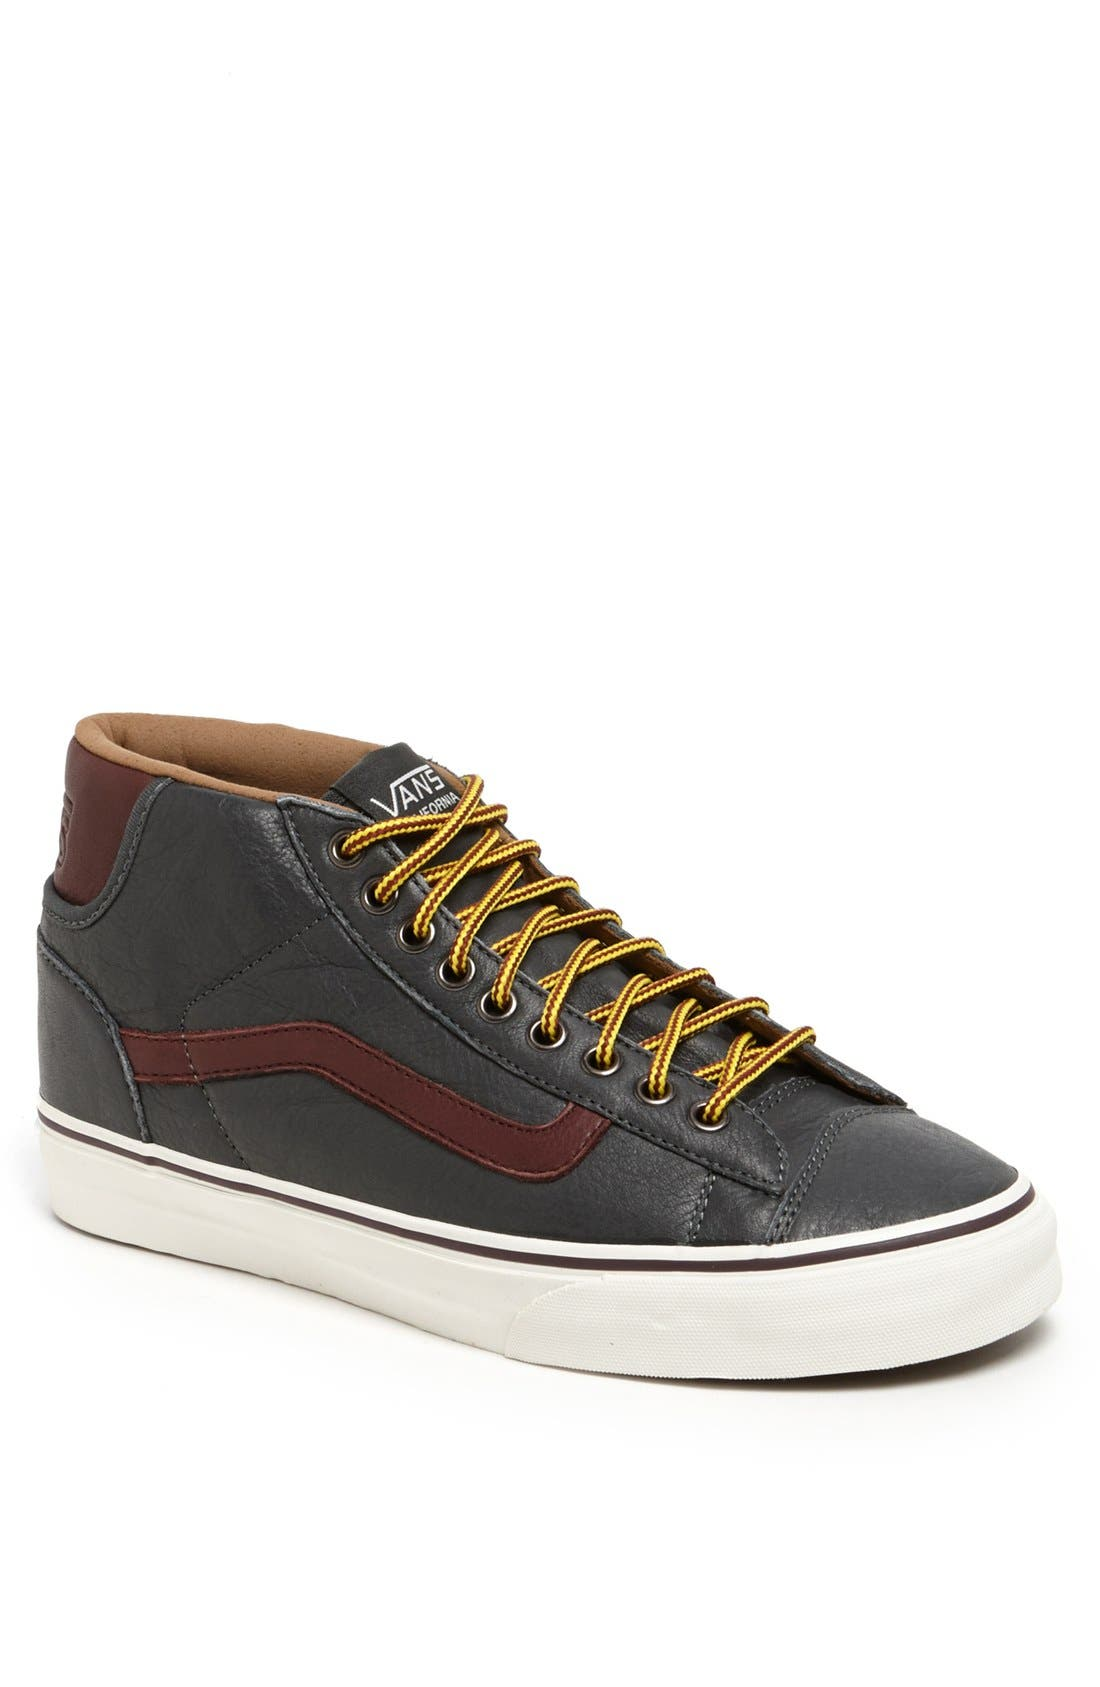 'Mid Skool 77' Sneaker, Main, color, 001